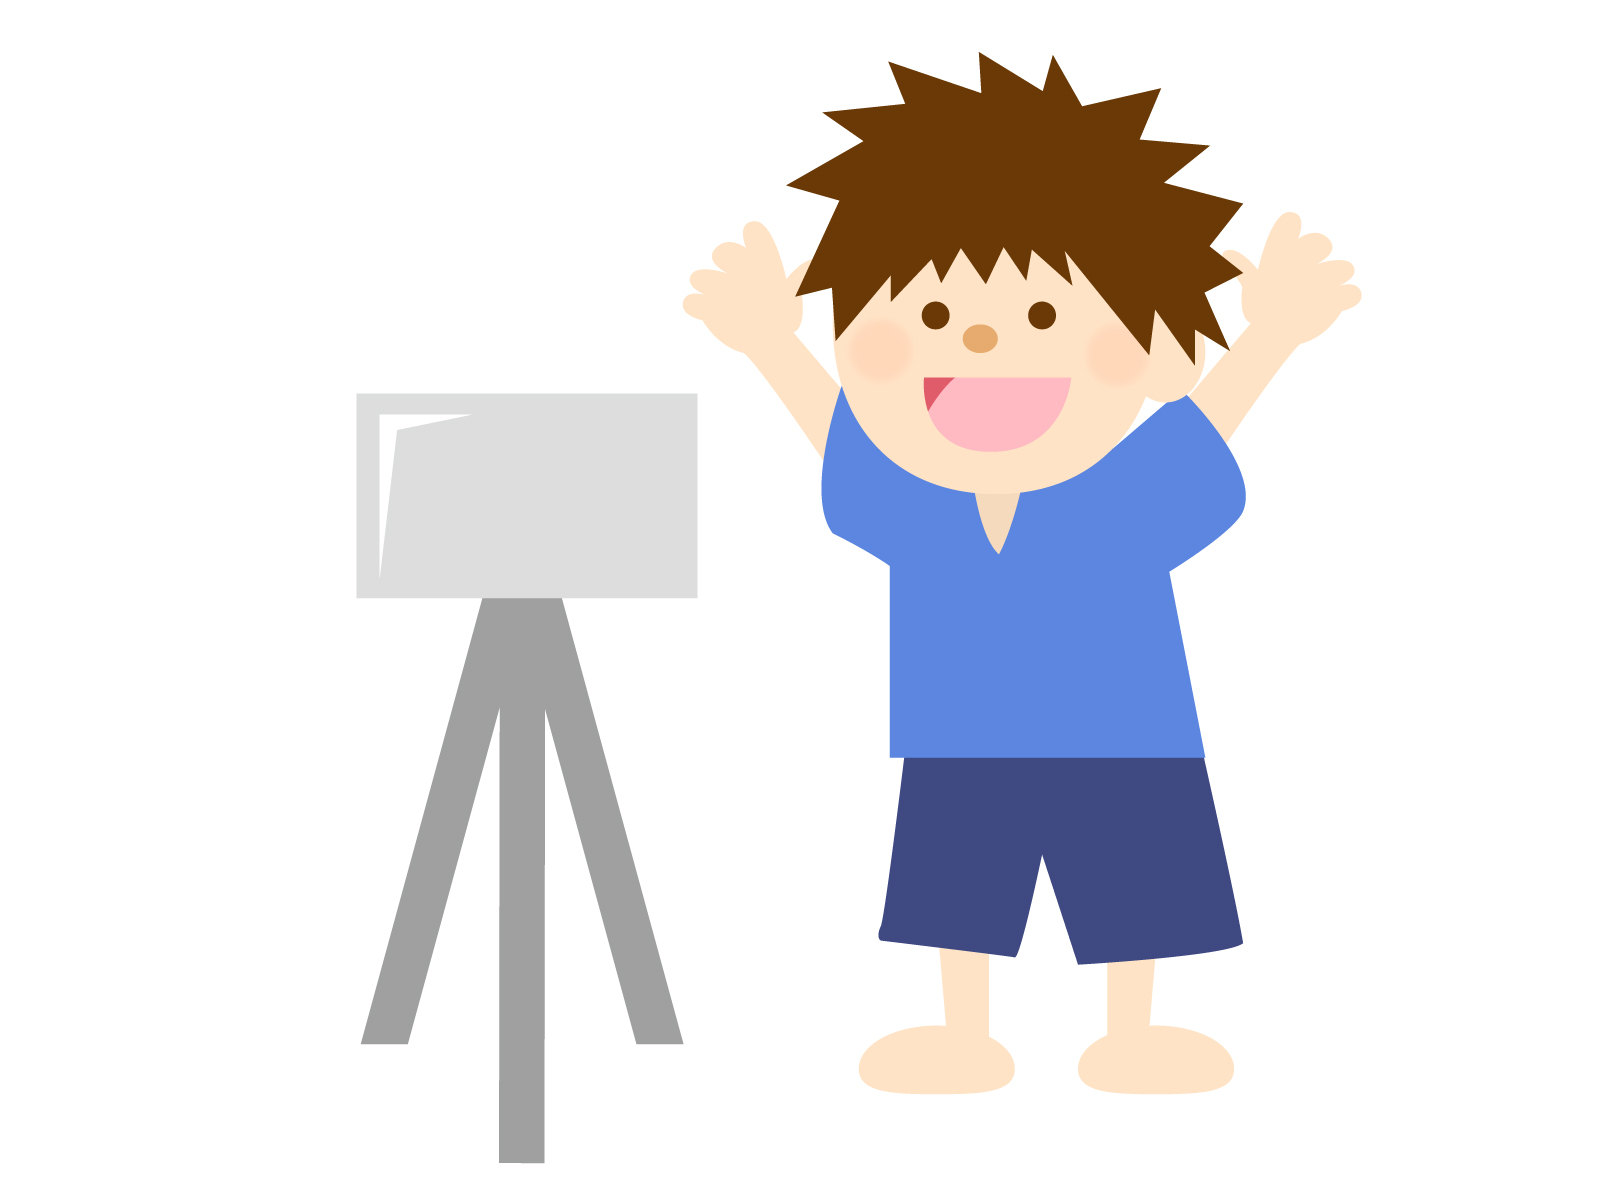 今すぐYouTuberデビュー、AIで自動動画編集する「撮るだけユーチューバー」がすごい